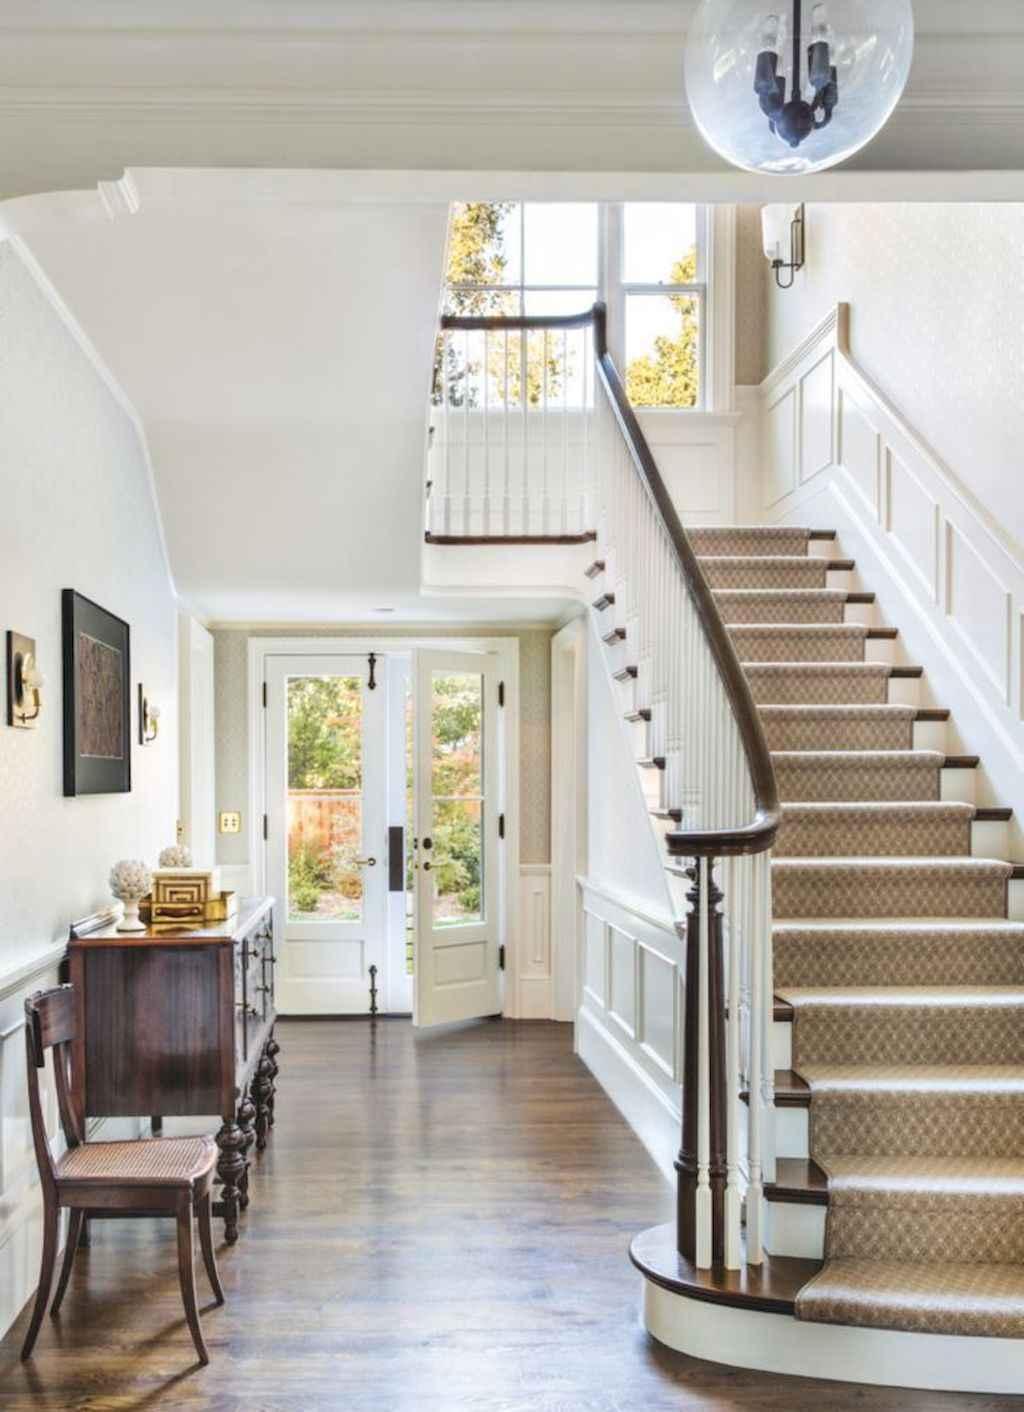 80 Ideas For Contemporary Living Room Designs: 80 Modern Farmhouse Staircase Decor Ideas (5